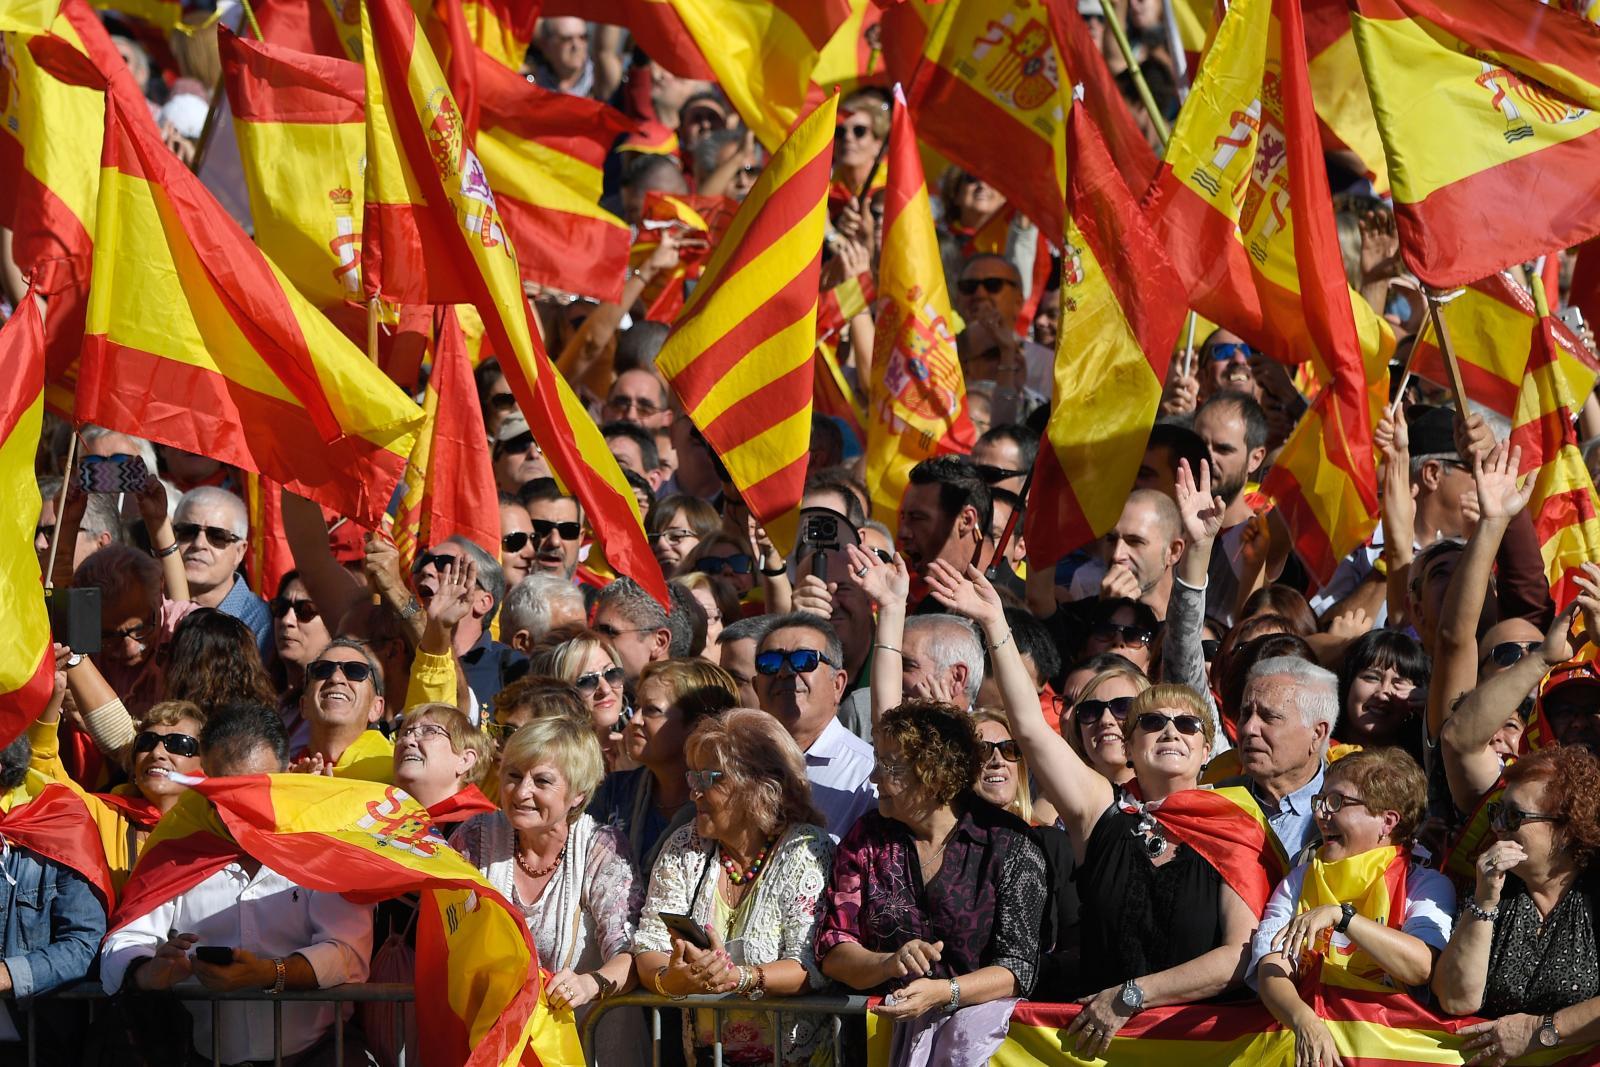 ศาลสูงสเปนออกหมายเรียกอดีตผู้นำกาตาลุญญา